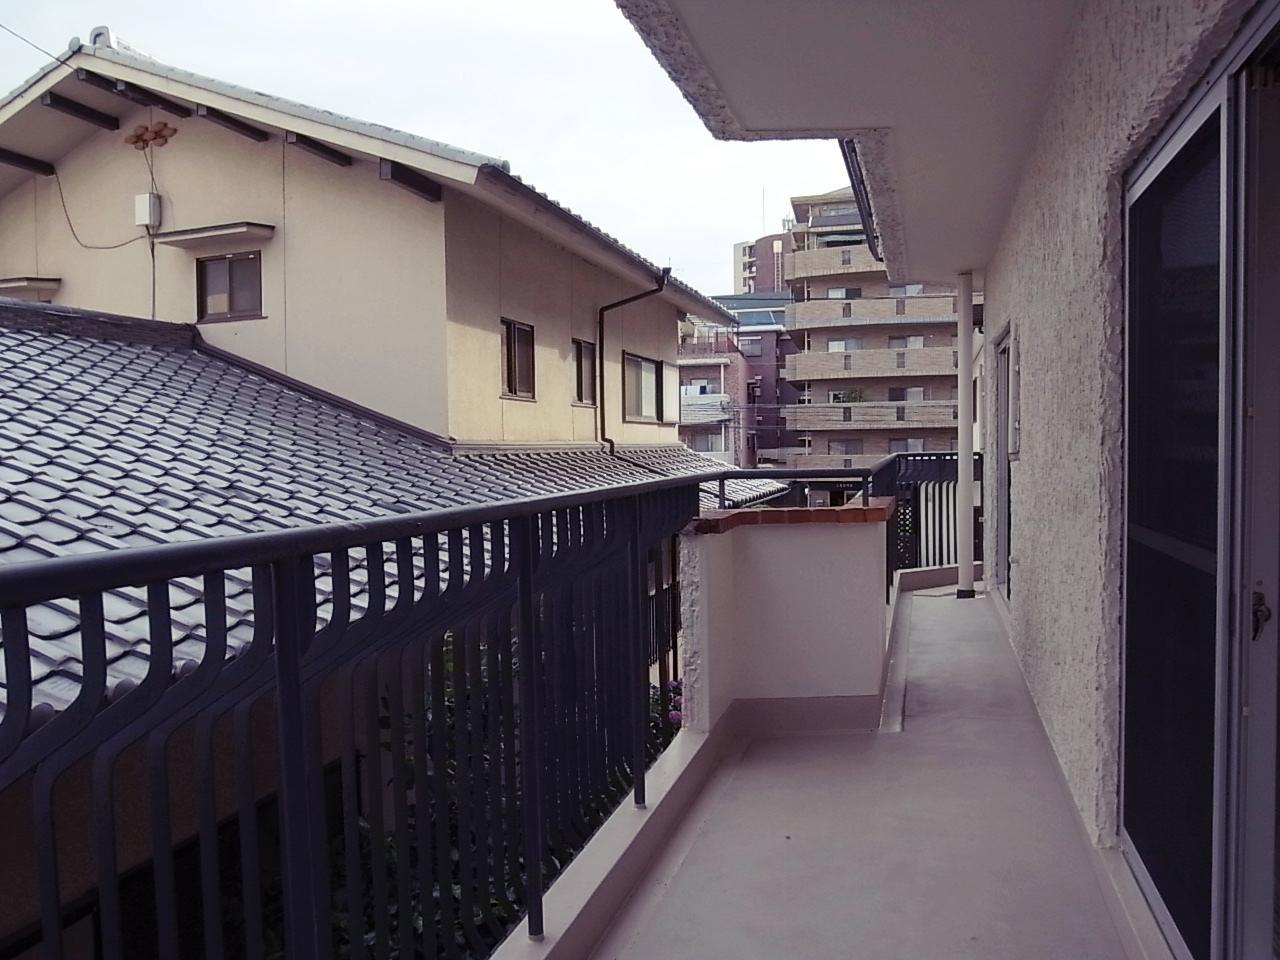 メインバルコニーの視界は隣戸屋根。ただ、日当たりは問題ないです。